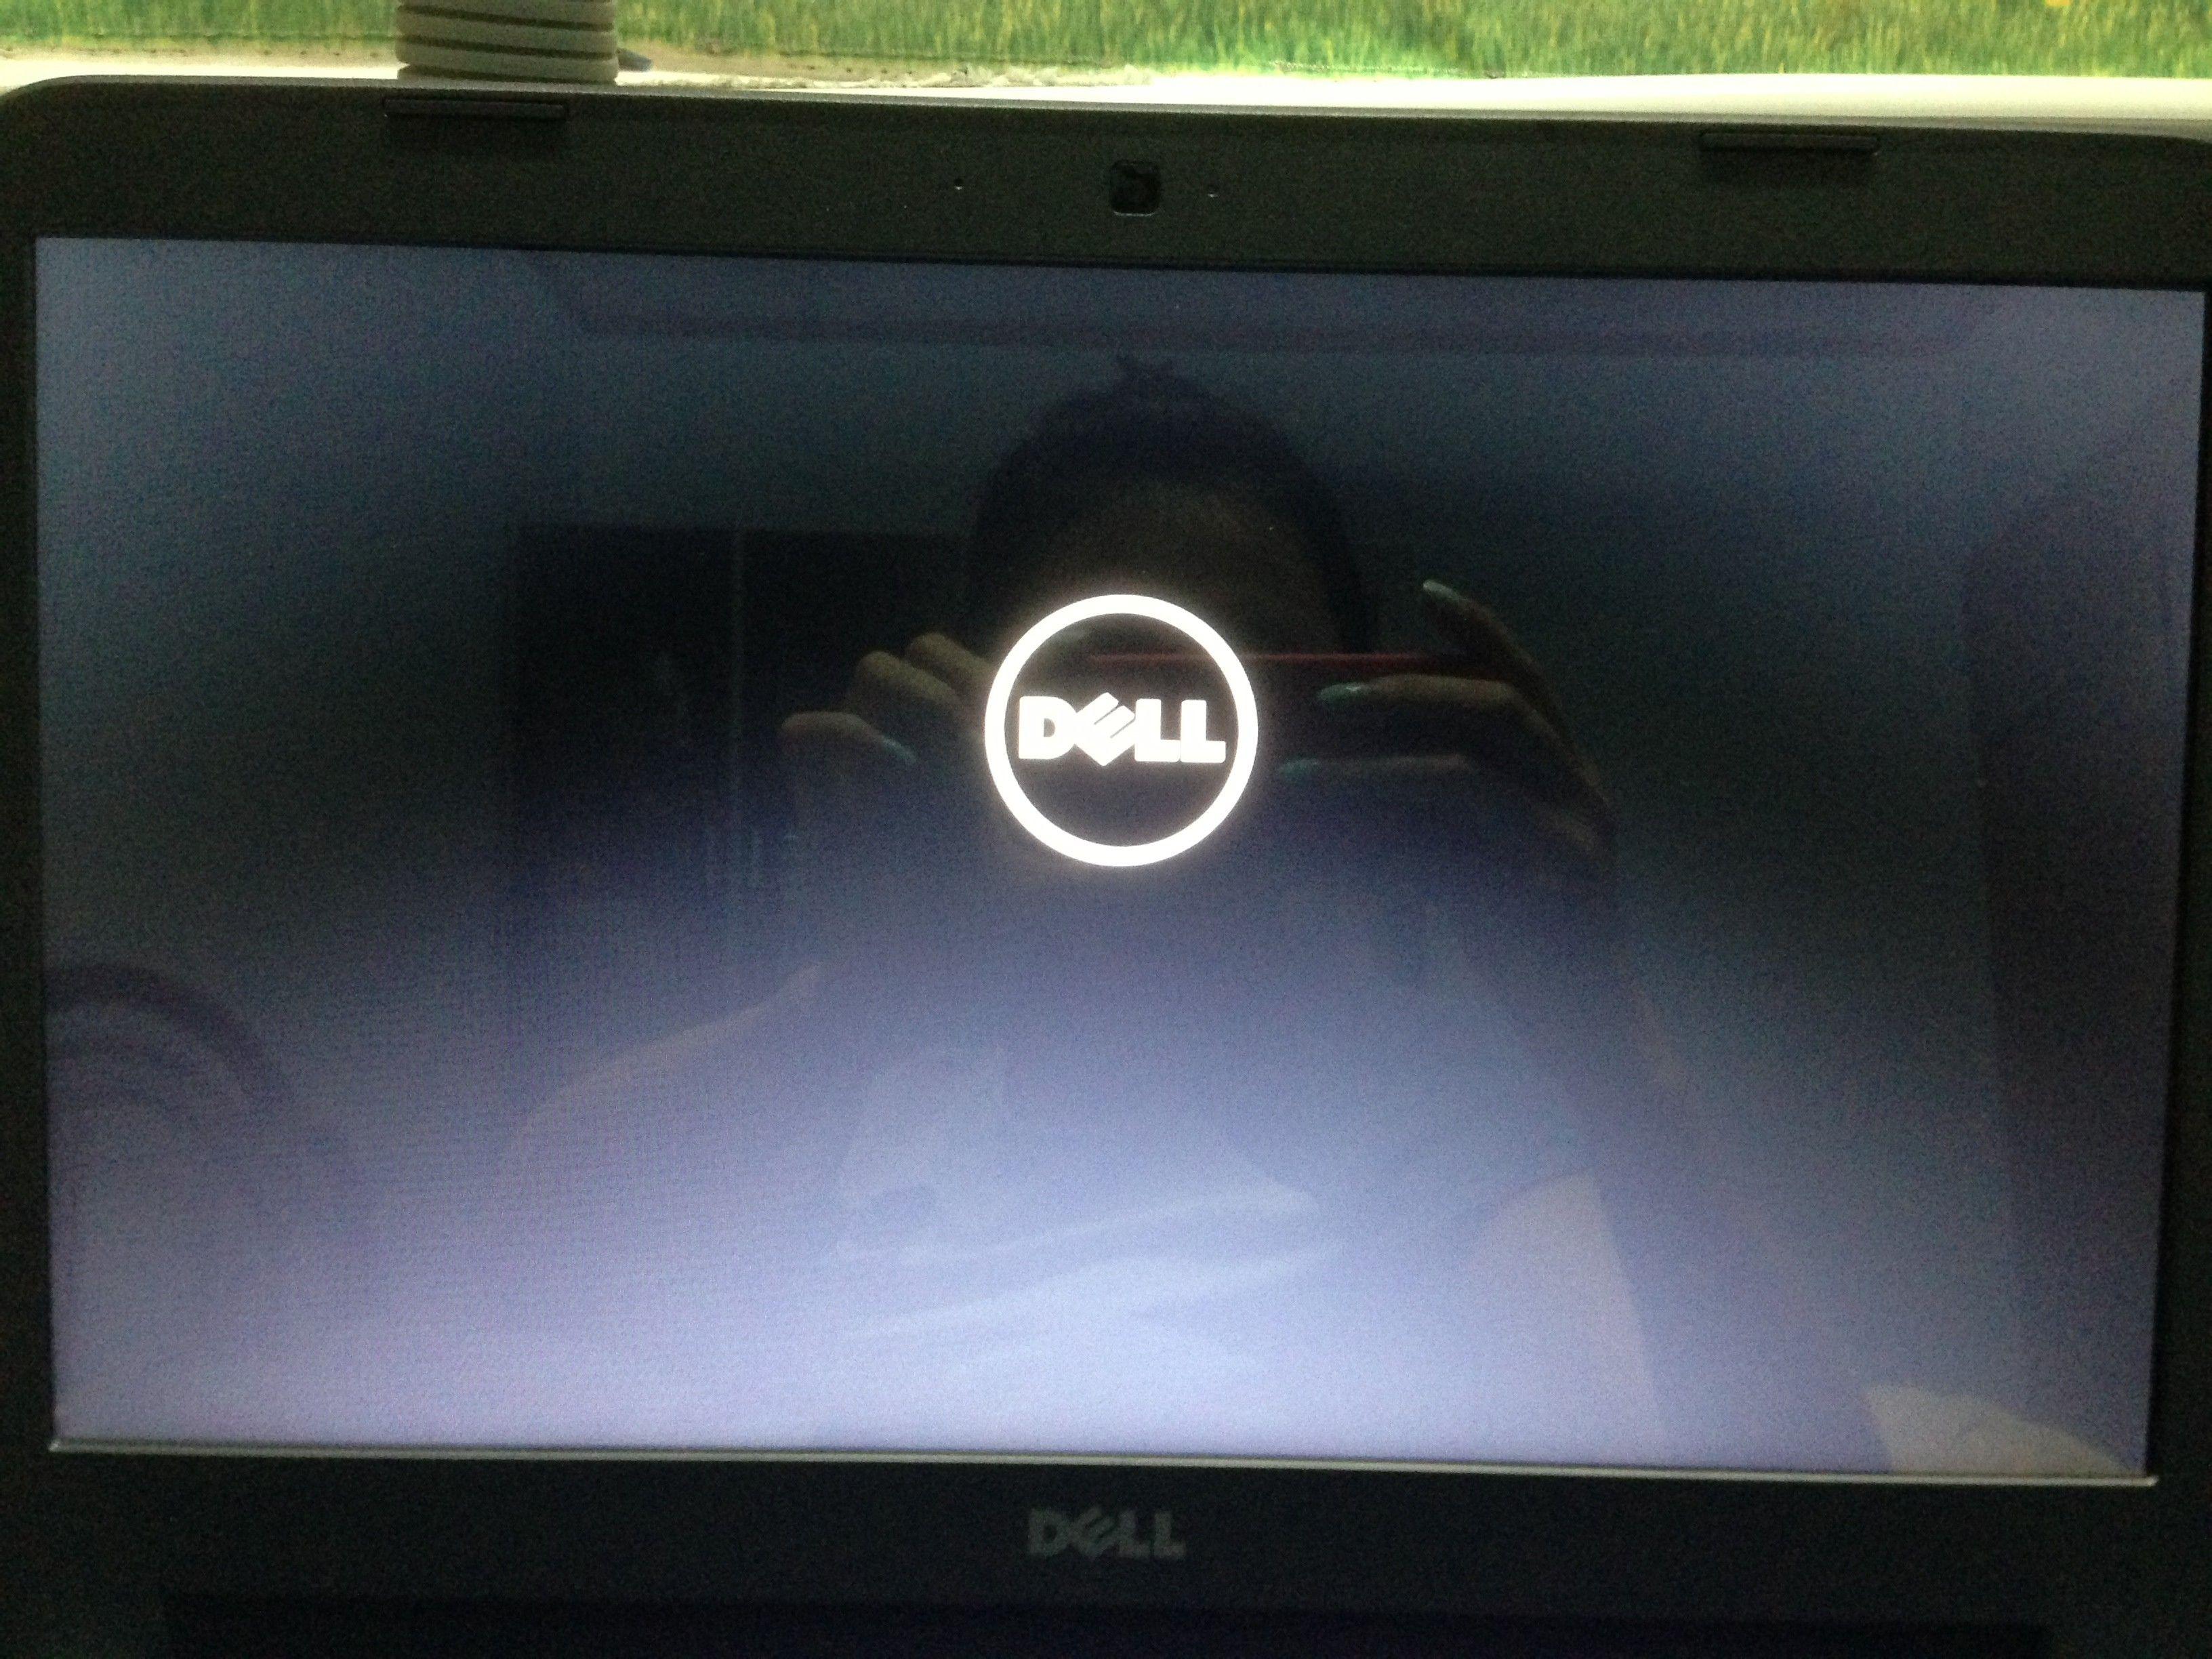 戴尔电脑无法开机